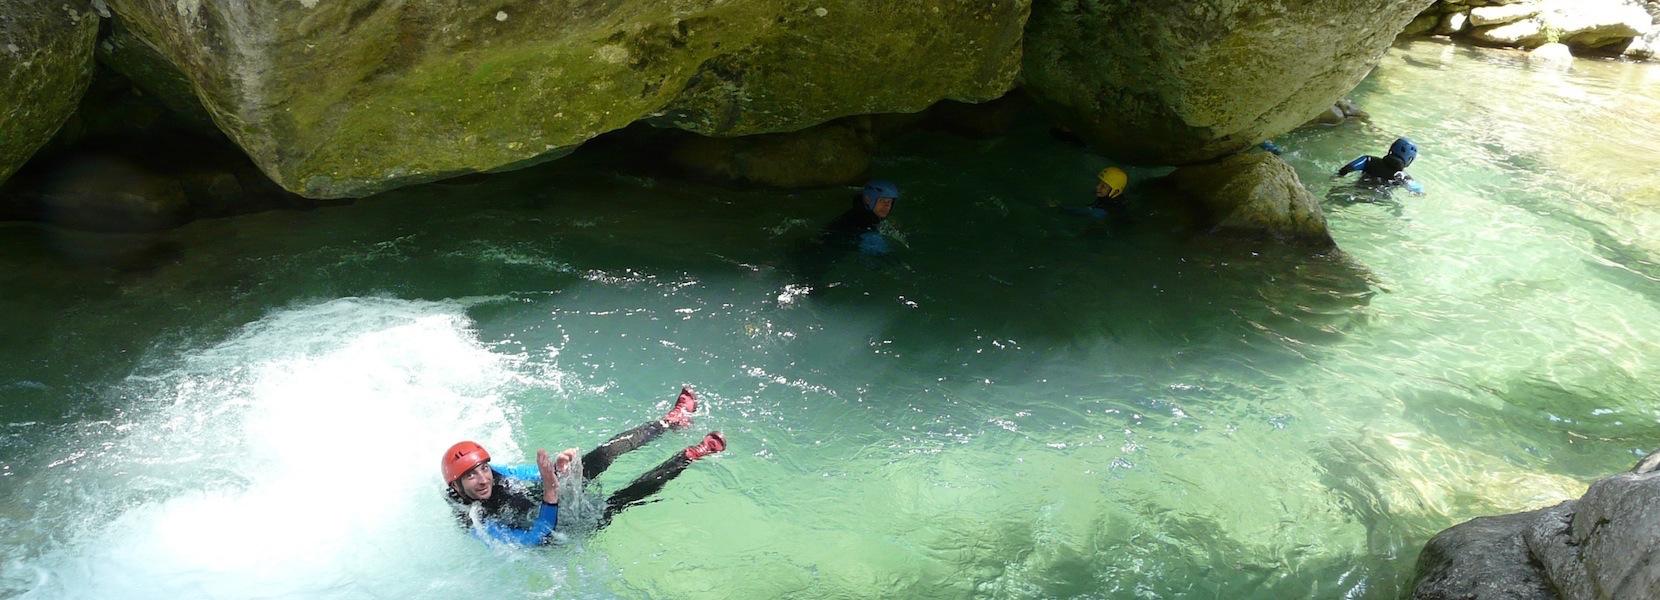 Randonnée aquatique des Gorges du loup dans les Alpes Maritimes 06 Nice.